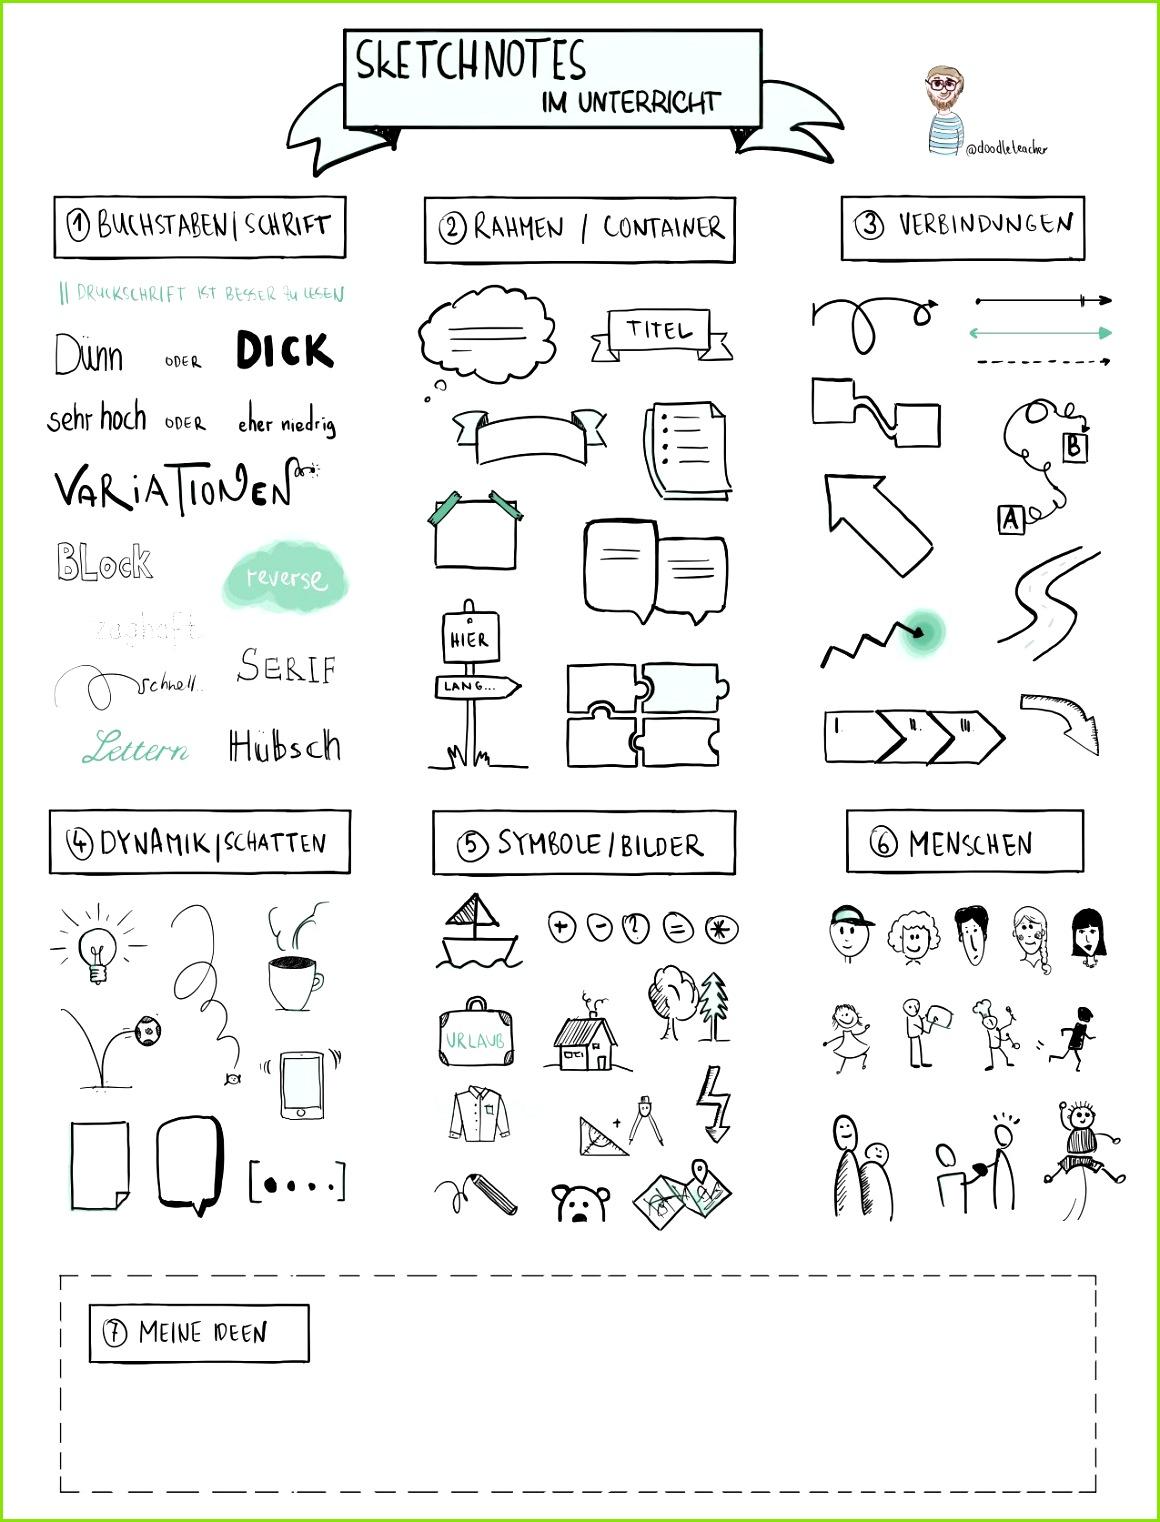 GRATIS Sketchnote übersicht und übungen für den Unterricht Schule Visuelles Alphabet Grundlagen & Co